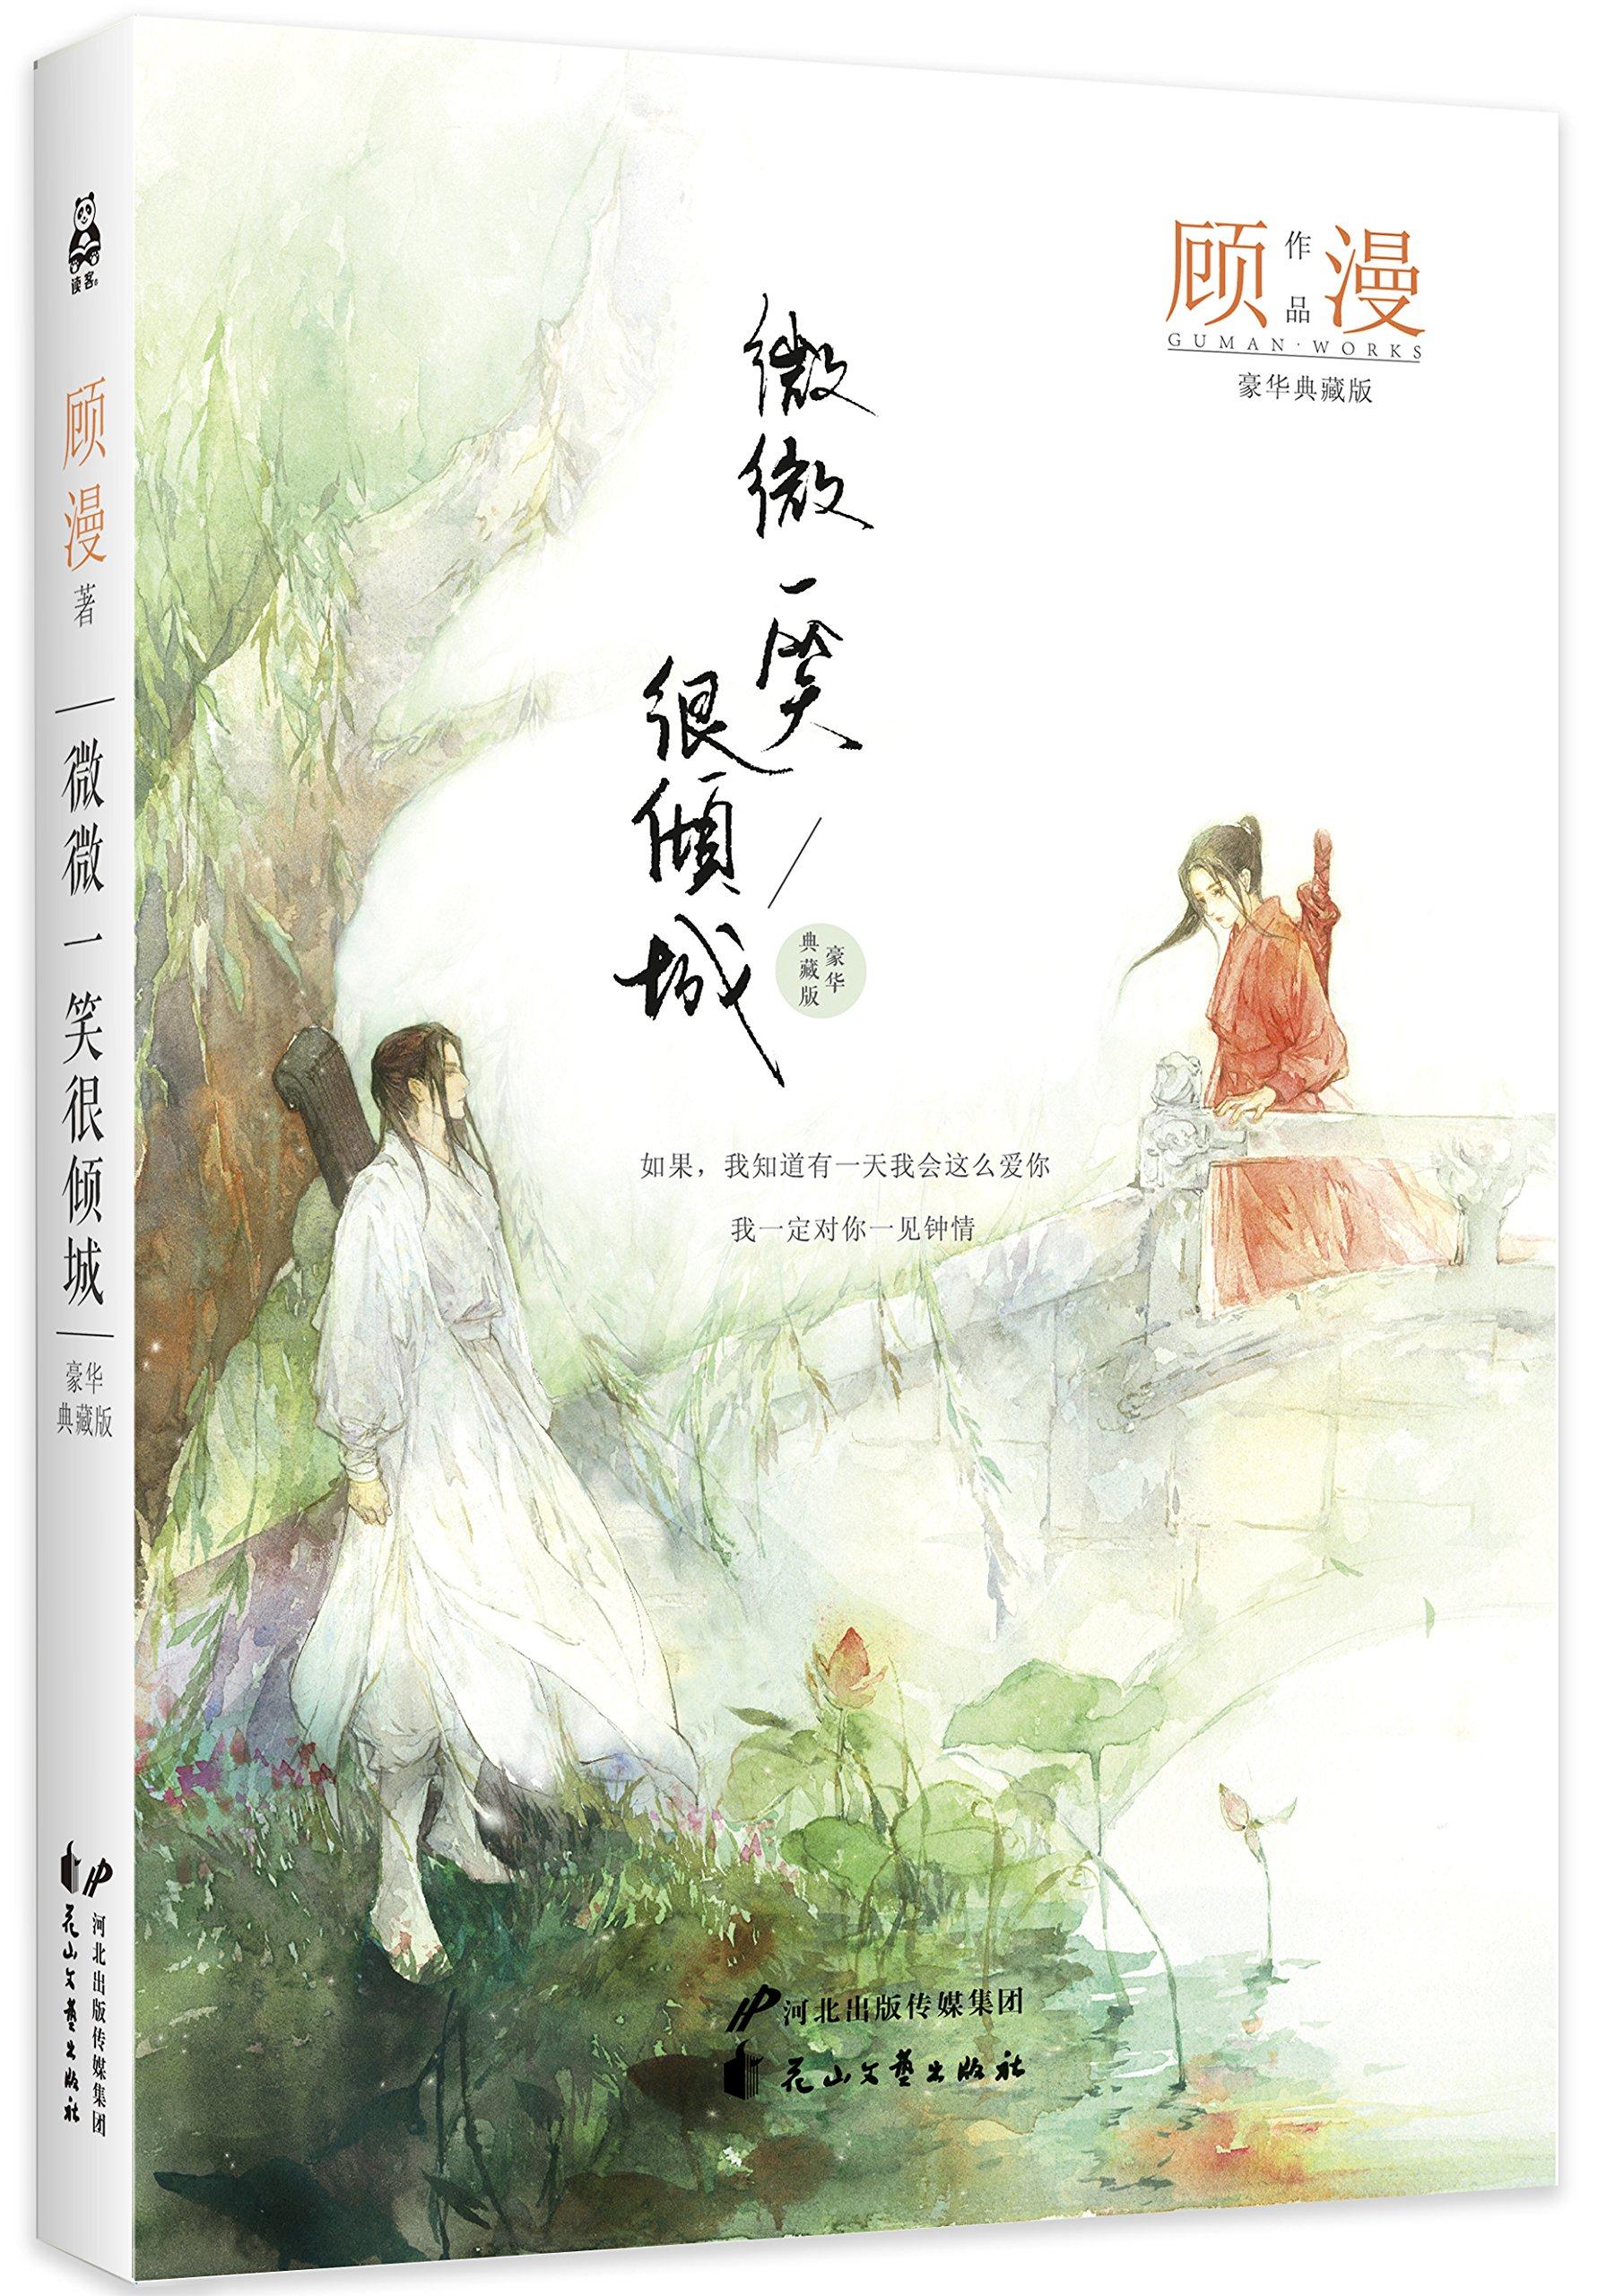 Wei wei yi xiao hen qing cheng (Simplified Chinese): Gu man